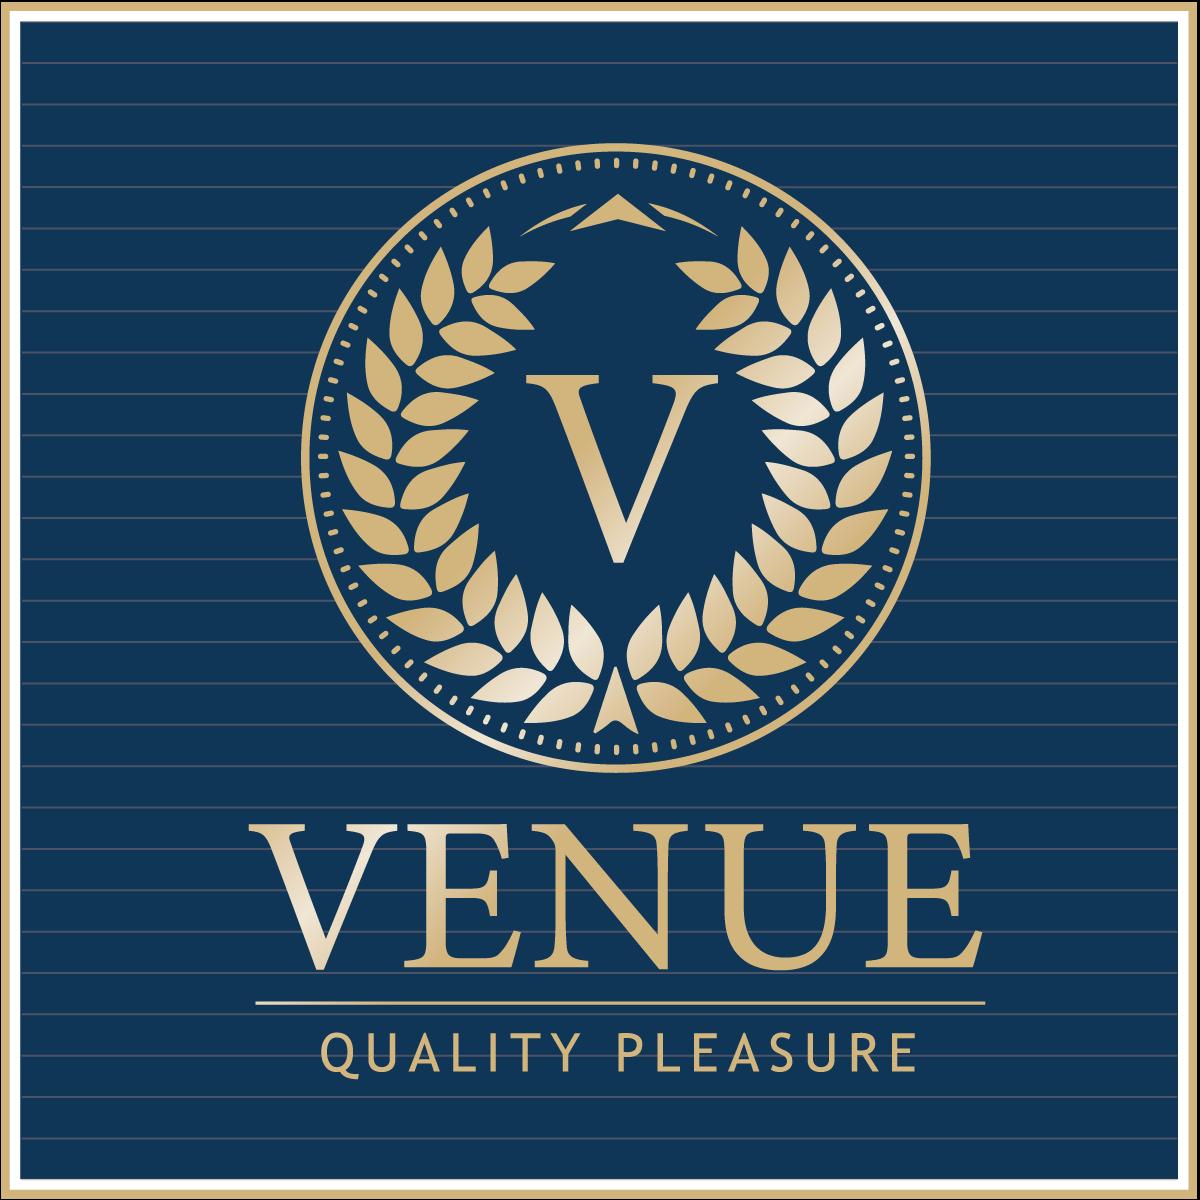 VENUE klub wysyłkowy